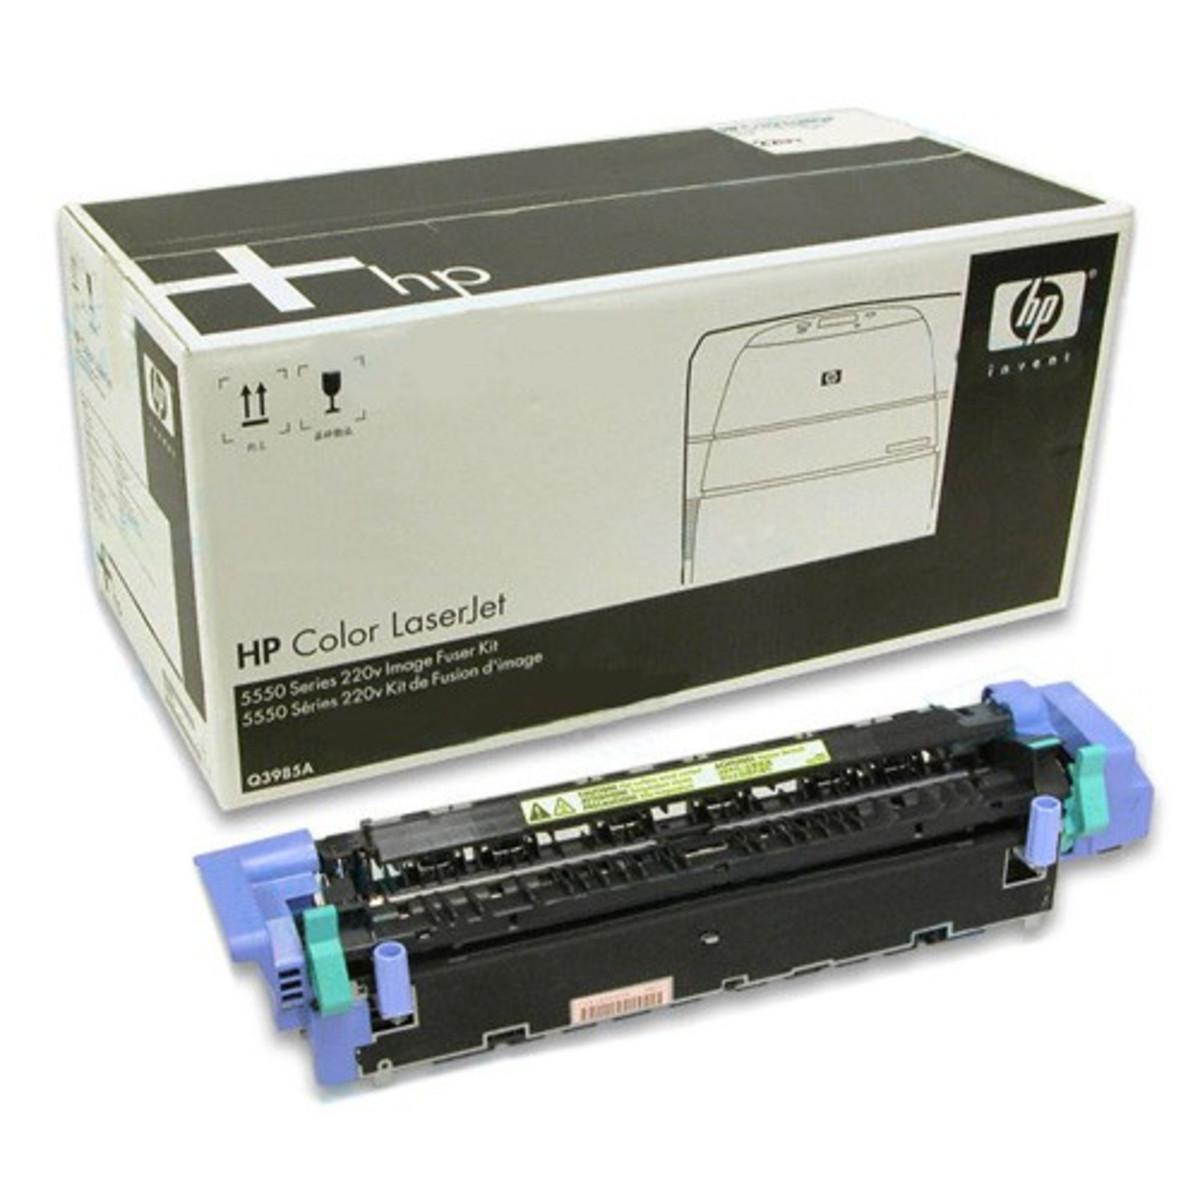 LaserJet 5550 Fuser Assembly Unit - 220 Volt